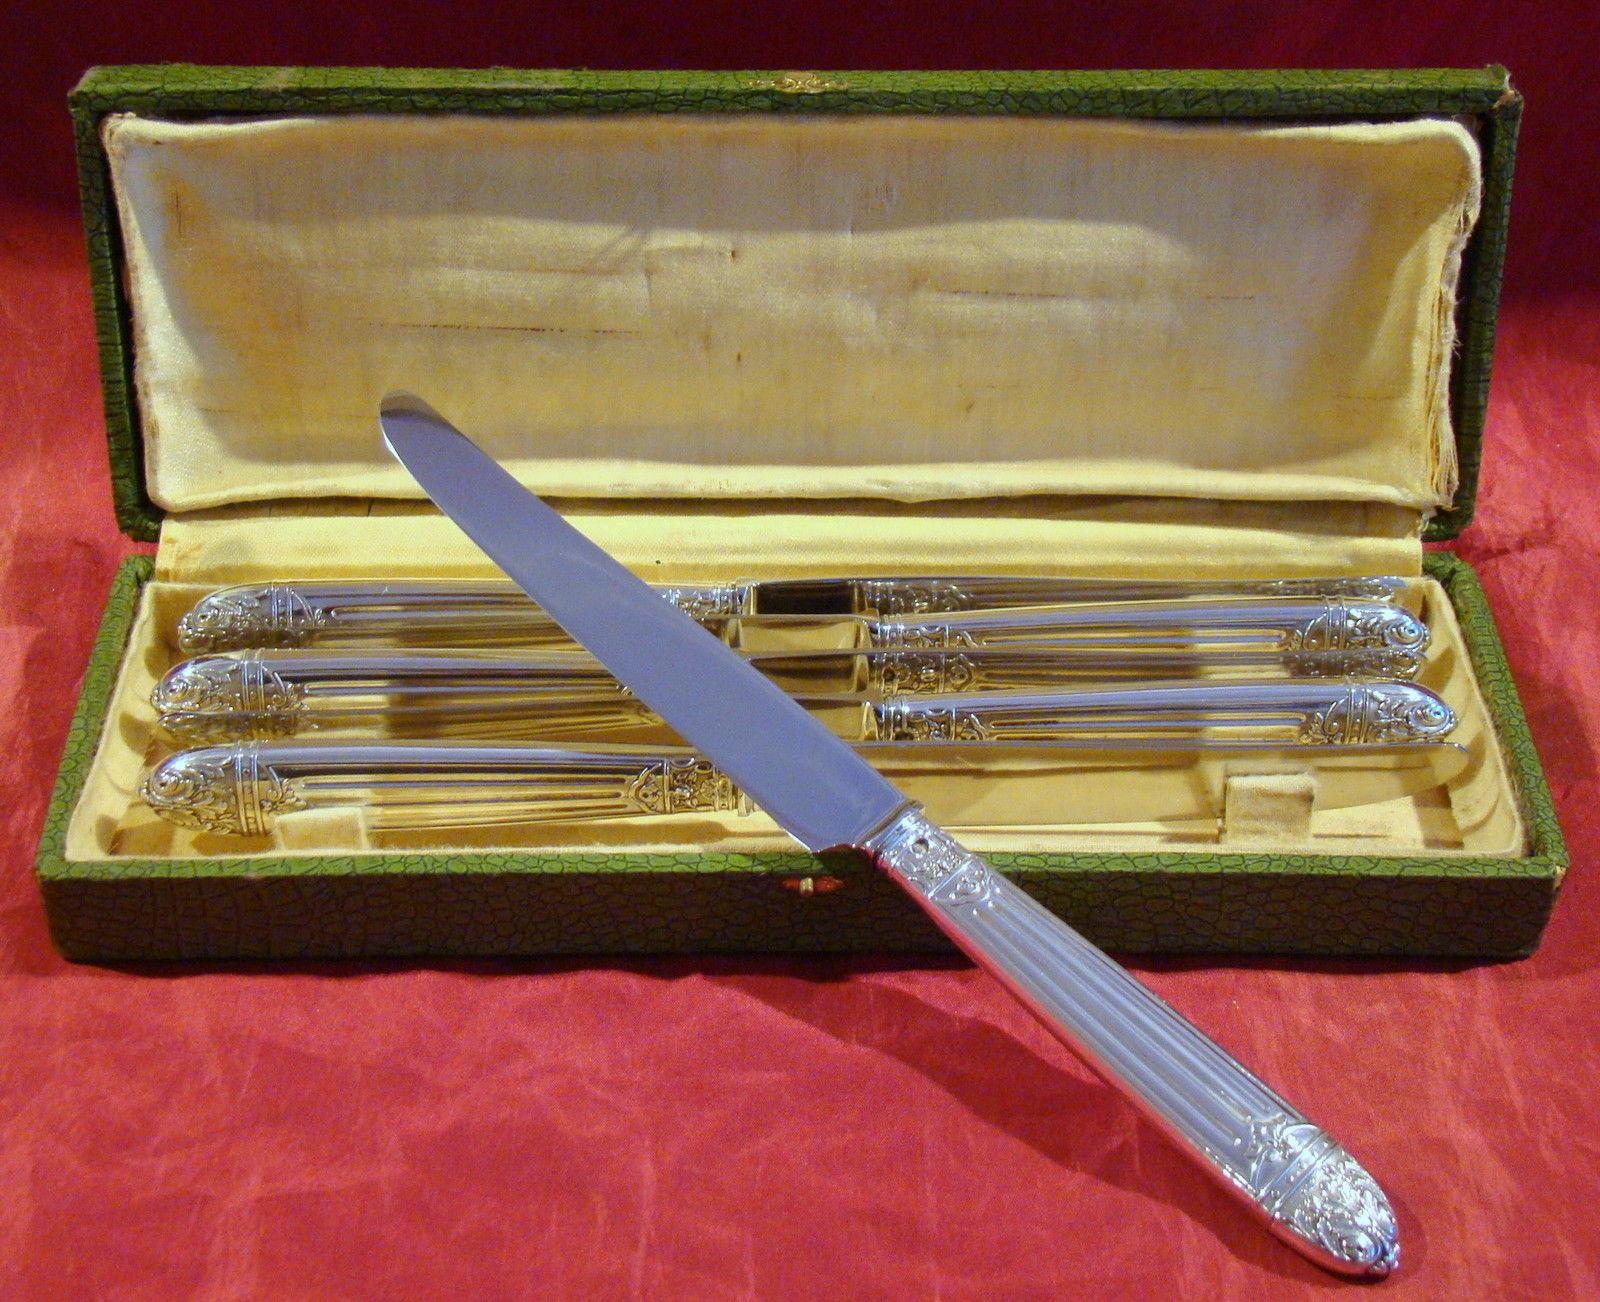 『ピュイフォルカのナイフ6本セット』